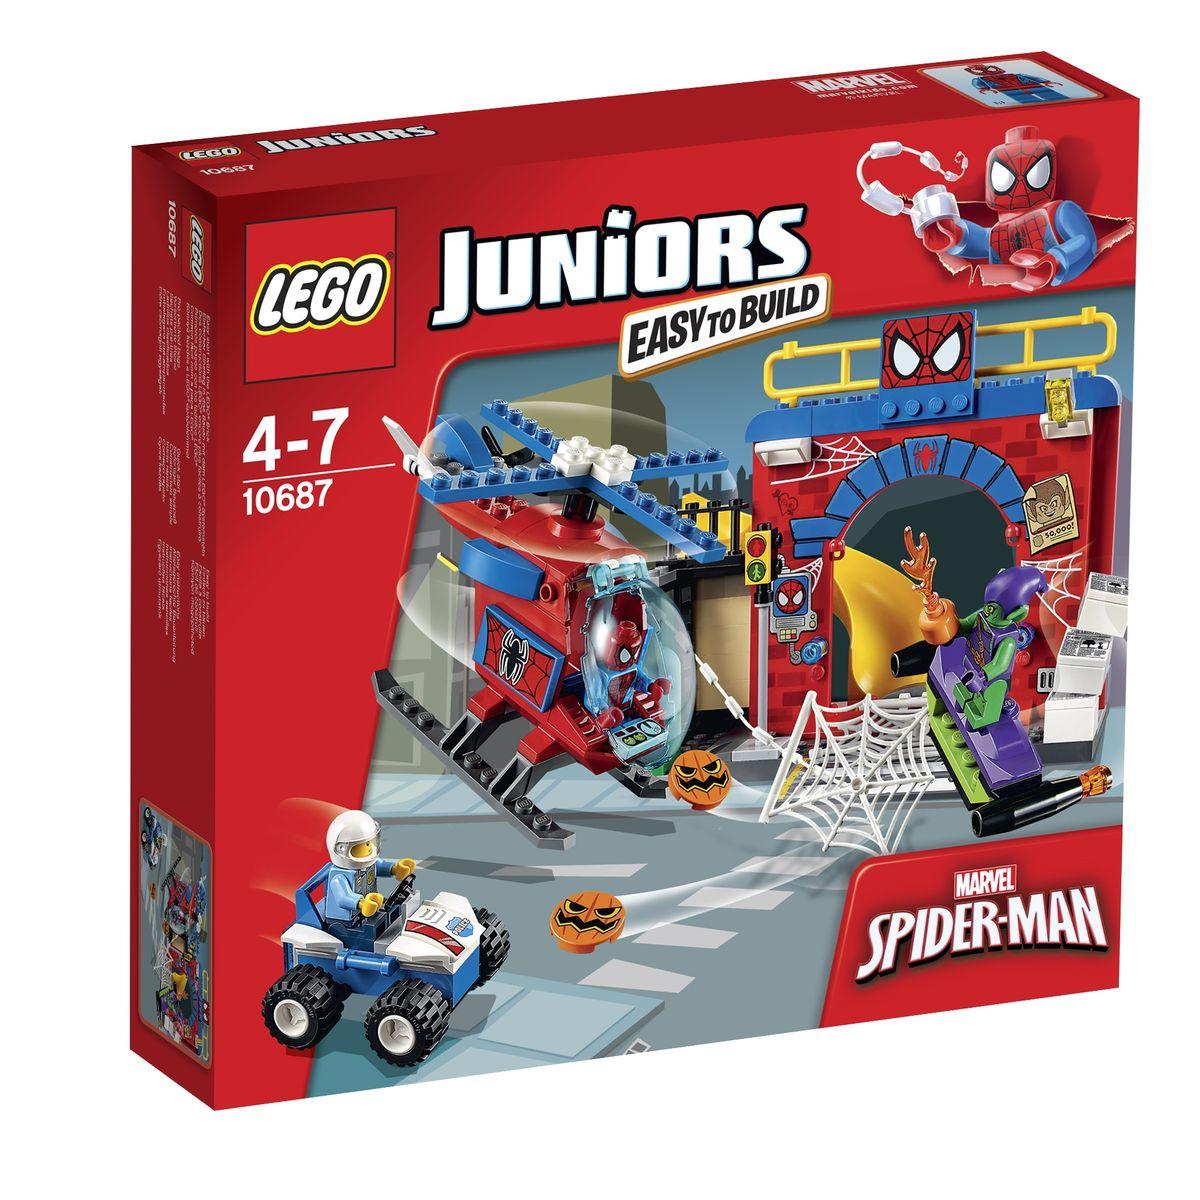 LEGO Juniors Конструктор Убежище Человека-паука 1068710687Из деталей набора LEGO 10687 вы сможете построить тайное убежище Человека-паука с множеством реалистичных функций. В основе конструкции лежит серая плита, являющаяся частью городской улицы с пешеходной зеброй, канализационным люком и светофором. Слева от перехода видна небольшая ниша, образованная откидной лестницей и балконом. В ней установлен белый почтовый ящик с открывающимся прозрачным окошком. Справа от балкона построена красная кирпичная арка, служащая фасадом заброшенного дома. Вход внутрь преграждает огромная паутина с функцией опускания. Также рядом с входом установлен компьютер, сигнальные огни и прожектор. На крыше здания организована дозорная площадка Человека-паука. При малейшей опасности, он может быстро спуститься вниз, используя свою потайную горку, и приготовиться к сражению. Для разведывательных миссий Человек-паук может использовать свой красно-синий вертолет с поднимающимся ветровым стеклом, вращающимися винтами, вместительным грузовым отсеком и возможностью...